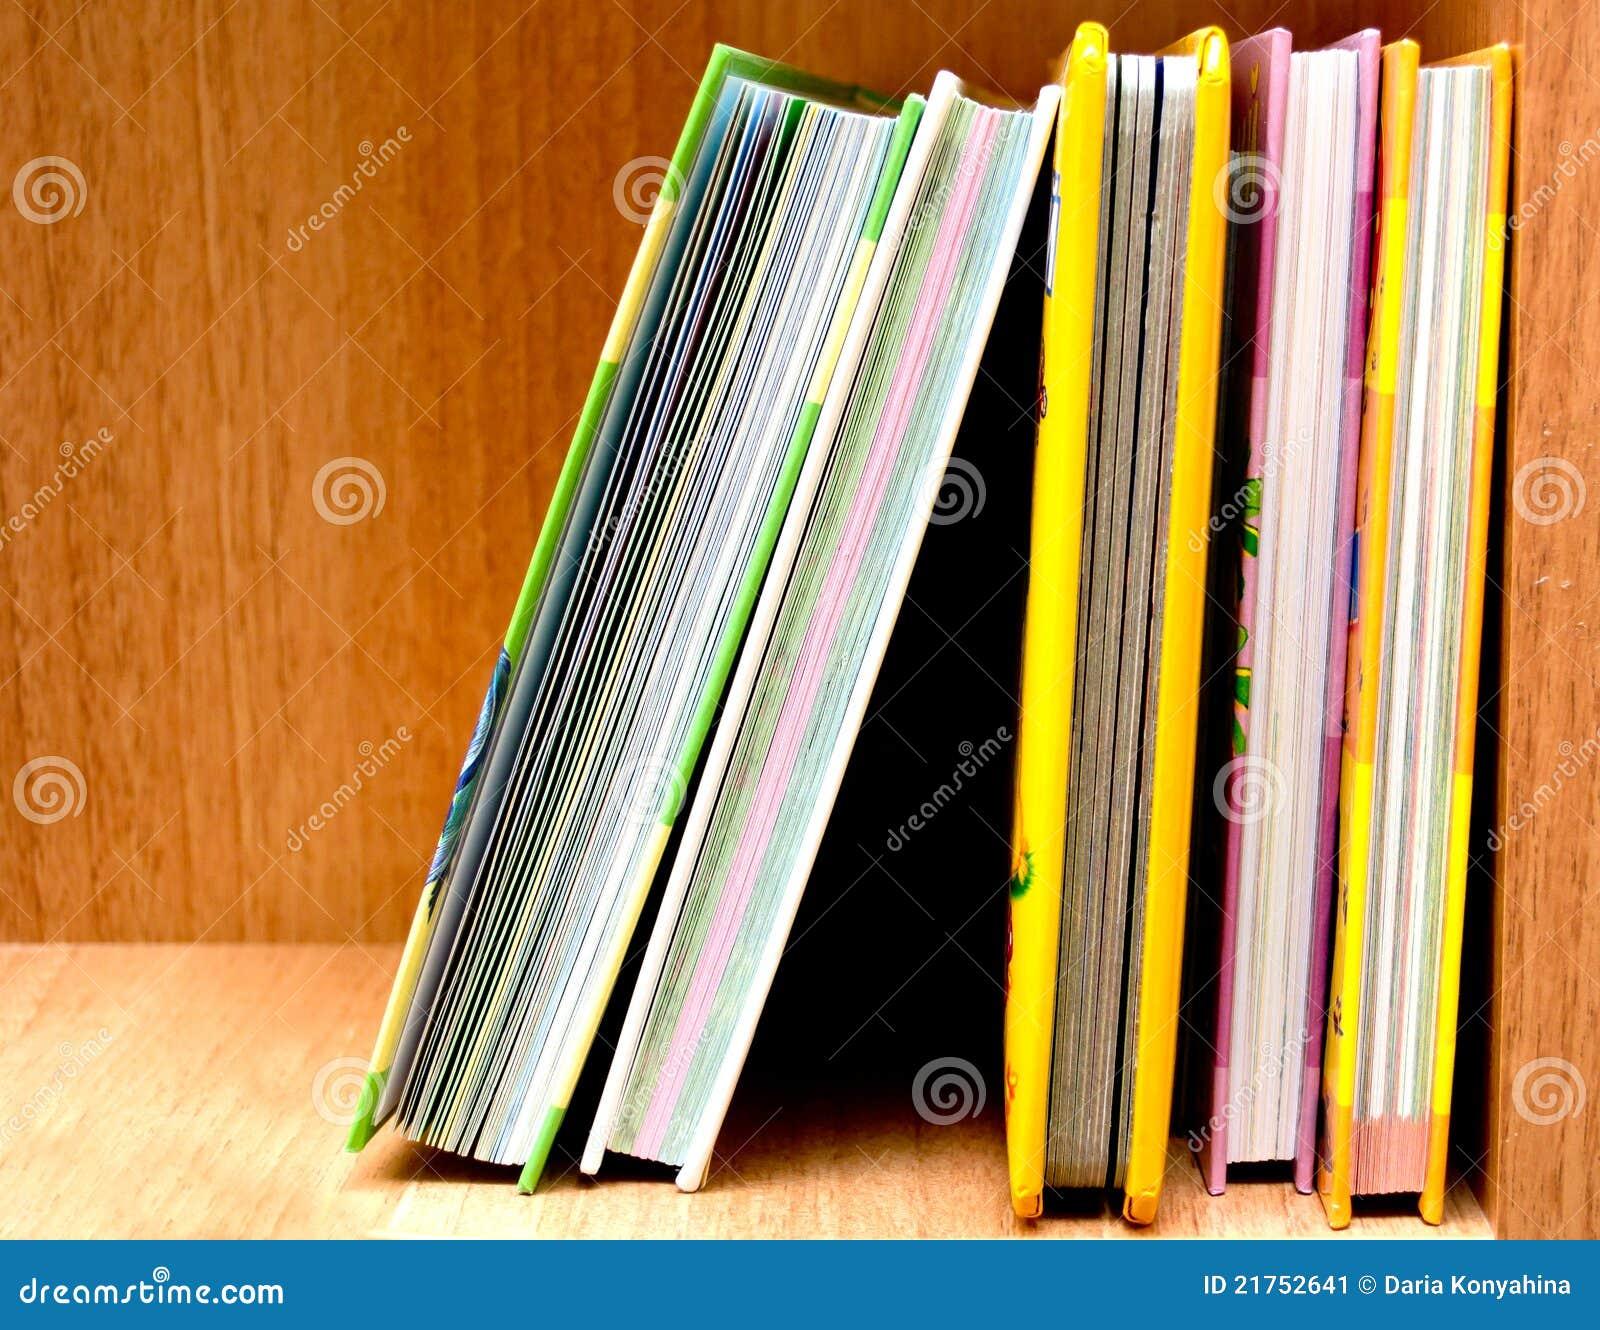 A few books